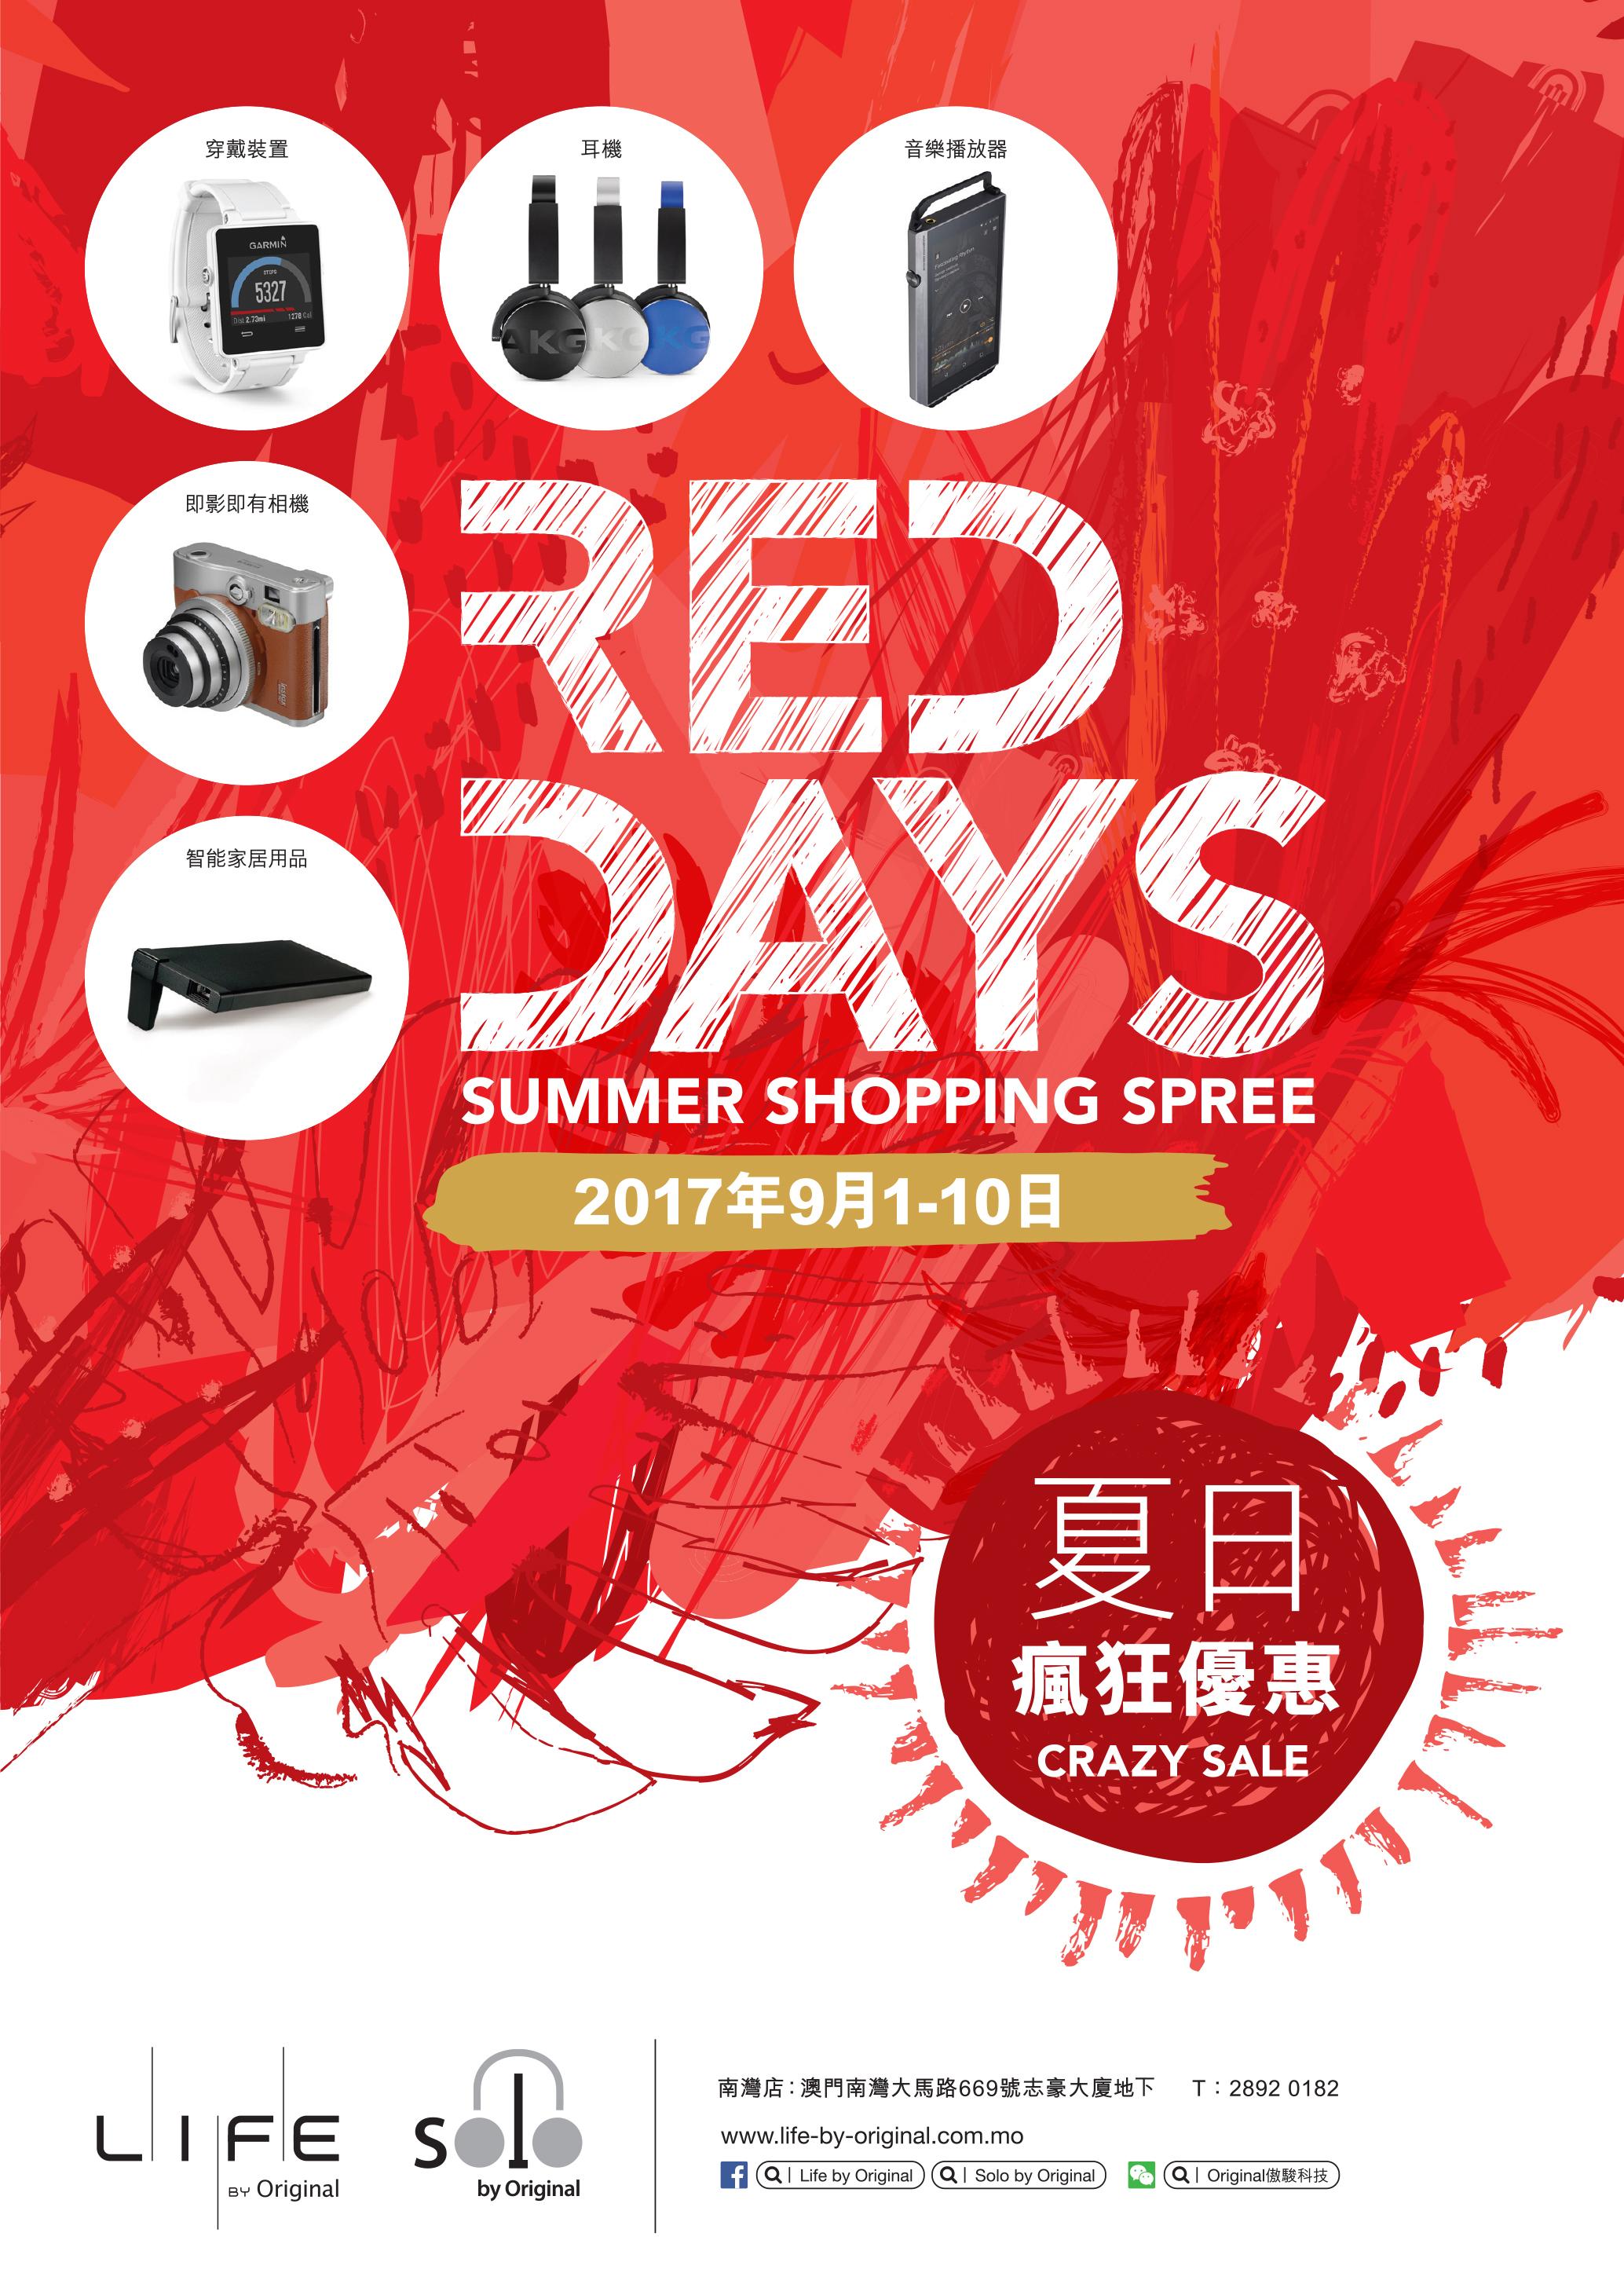 Red_Days_2017_Summer_A4-Leaflet_L_01.jpg